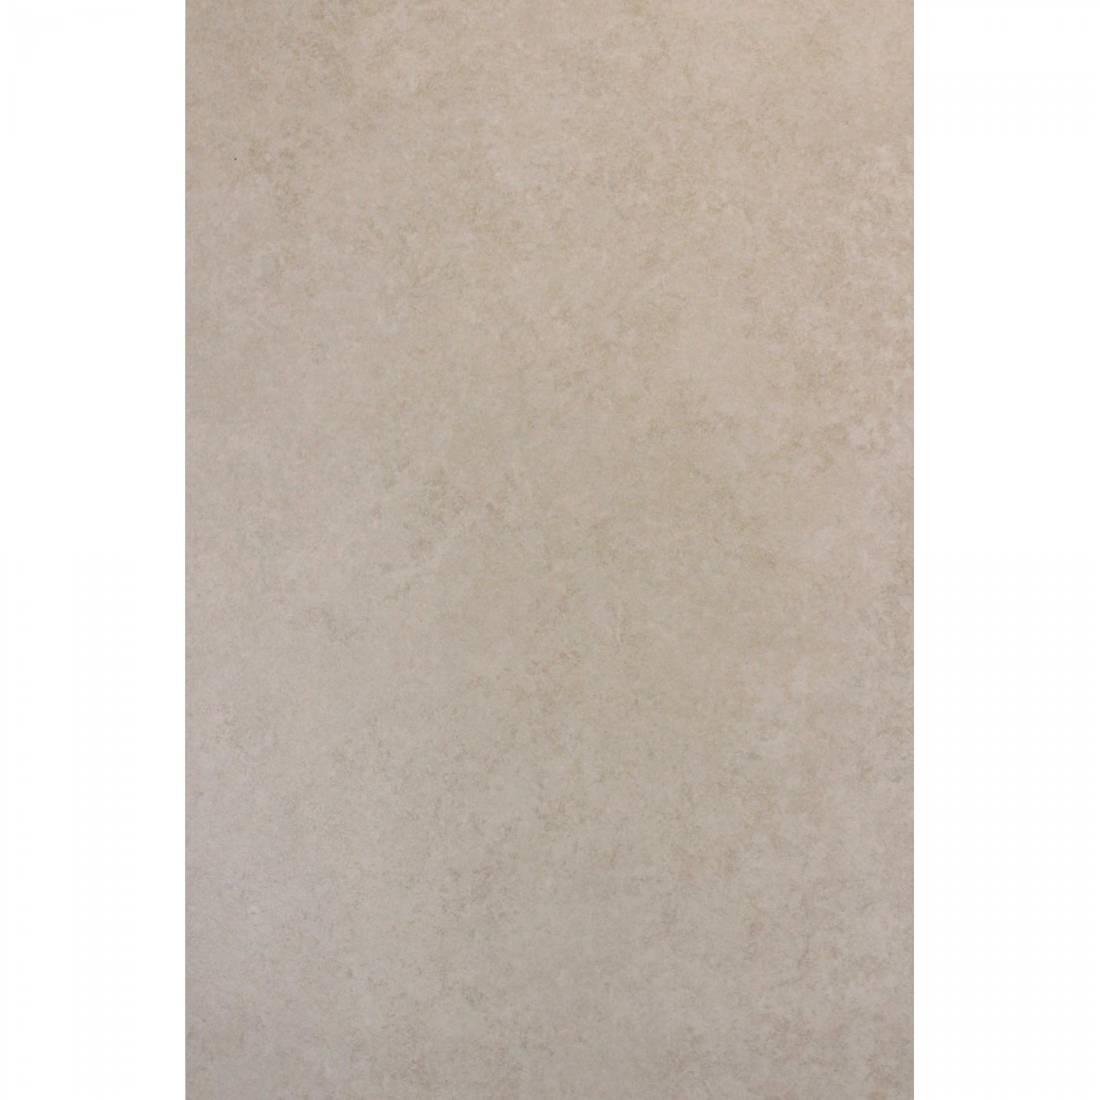 Spa Crema 34x51 Cream 1